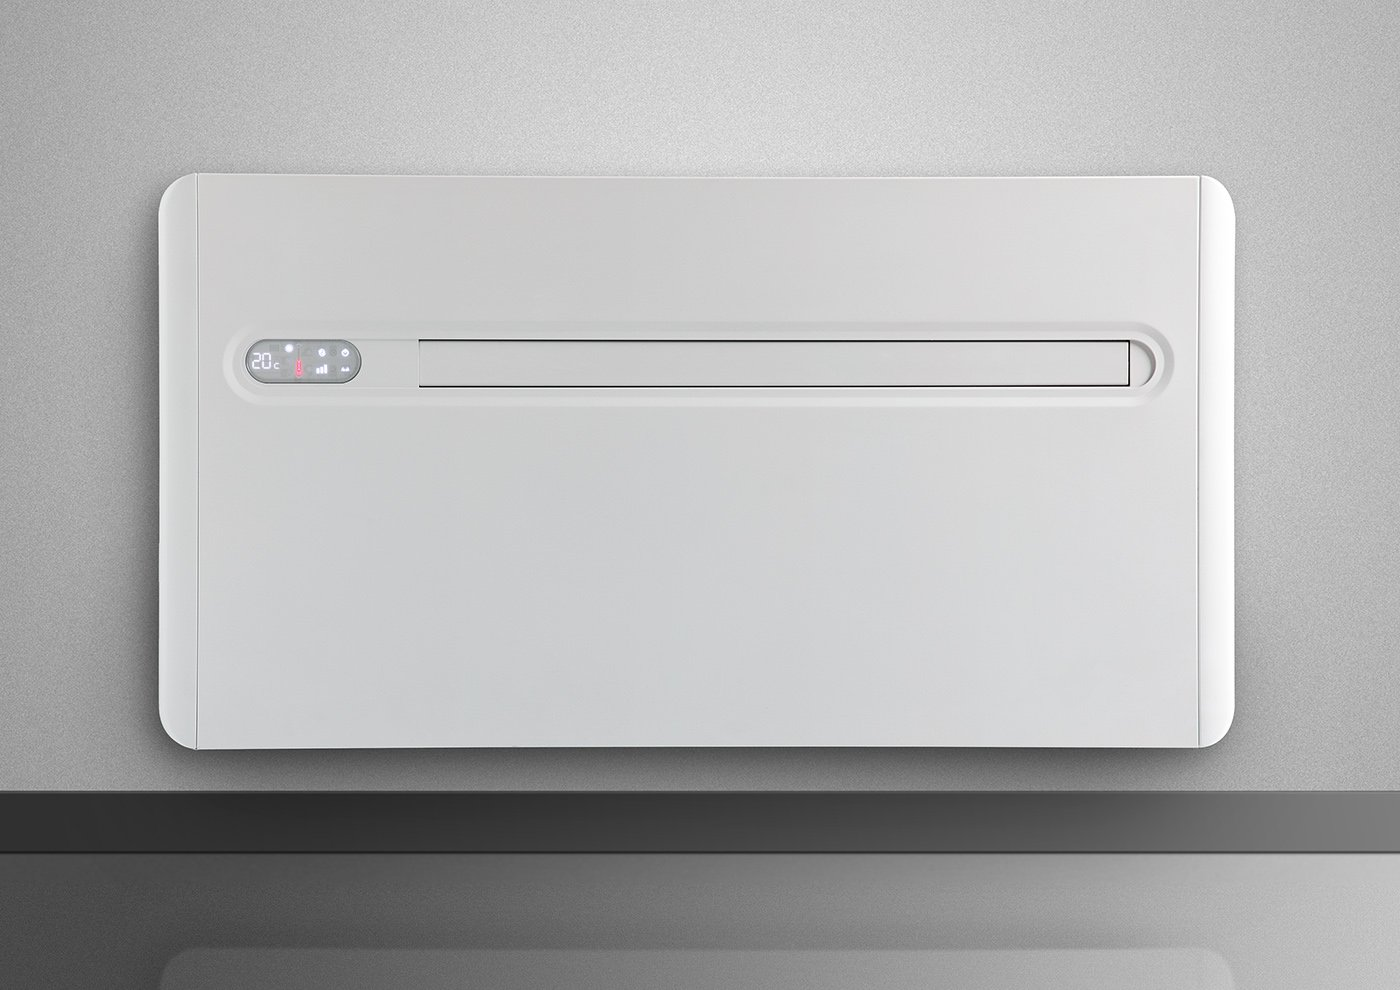 Deumidificatori elettrici: quale scegliere, prezzi e consumi Tecnologia